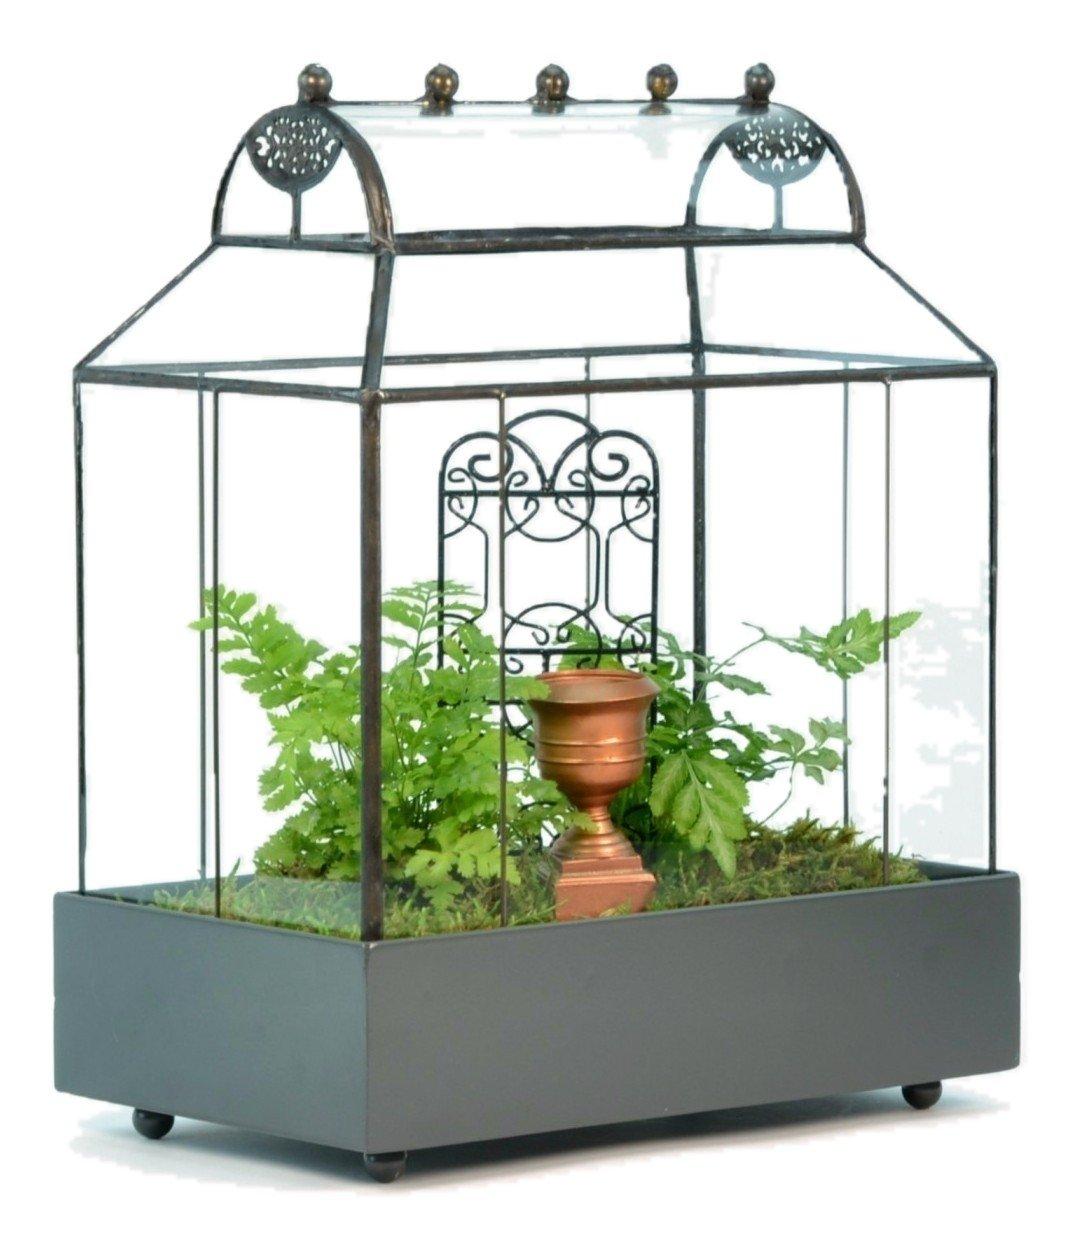 H Potter Barrel Roof Wardian Case Terrarium Succulent Planter Container Glass by H Potter